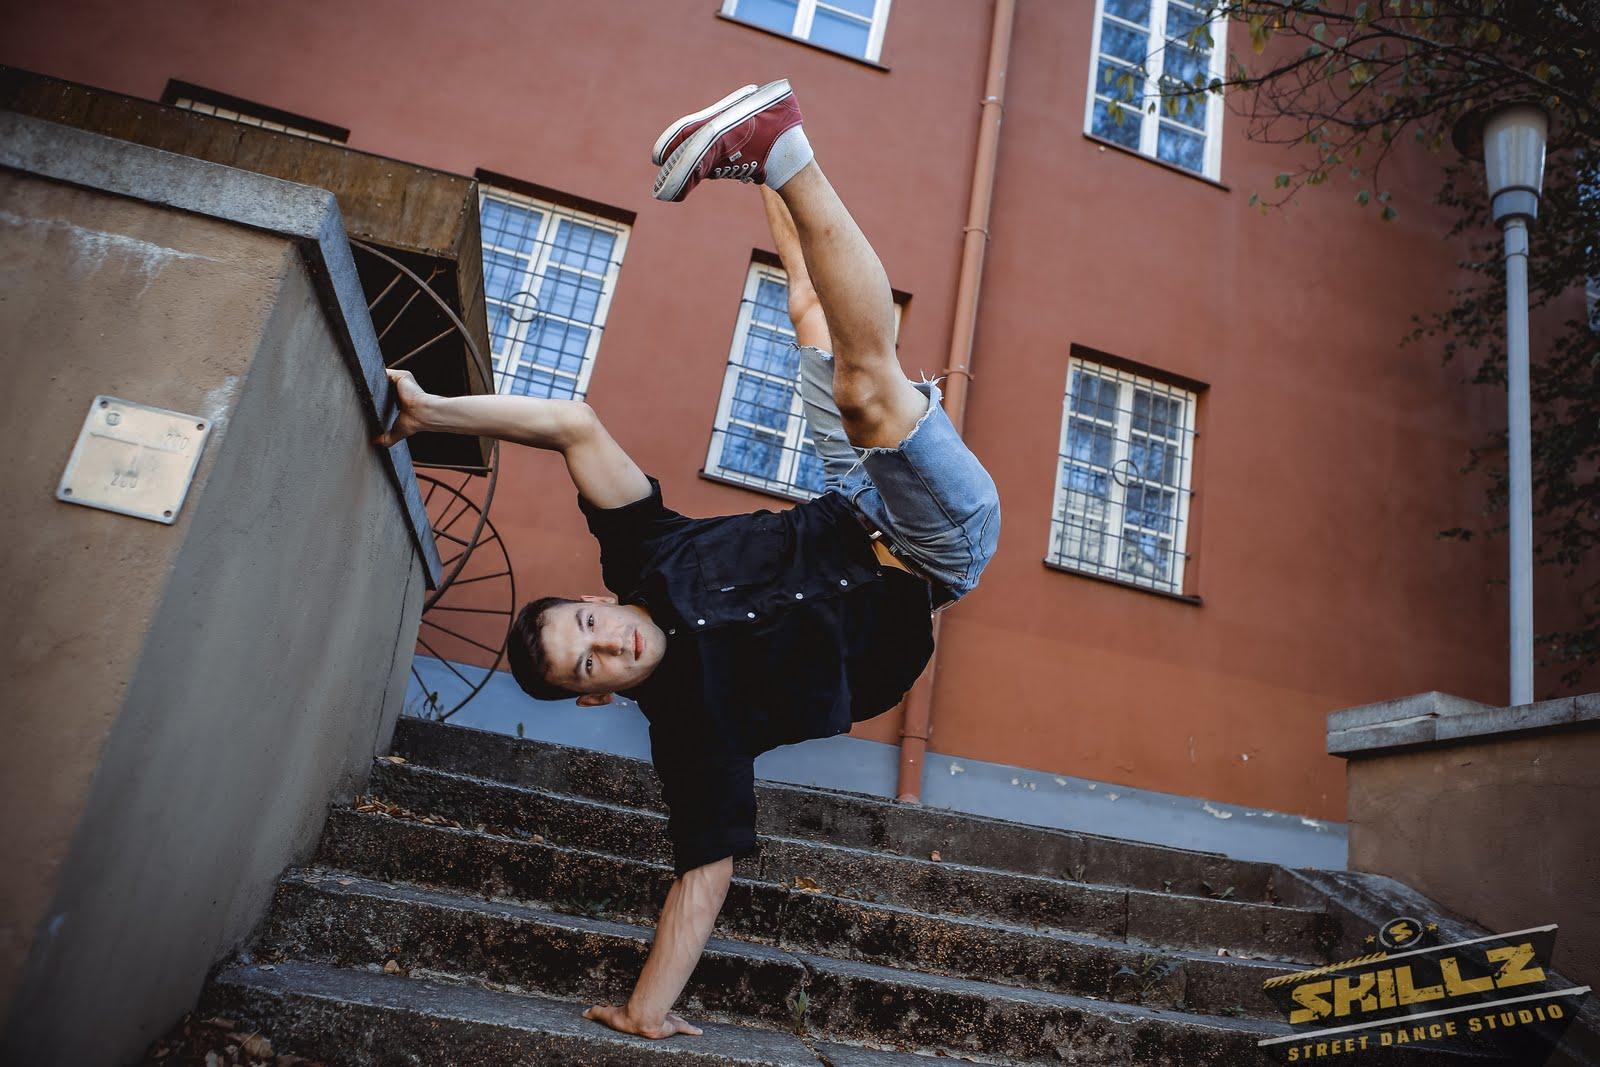 Treneriu fotosesija - _MG_4183.jpg